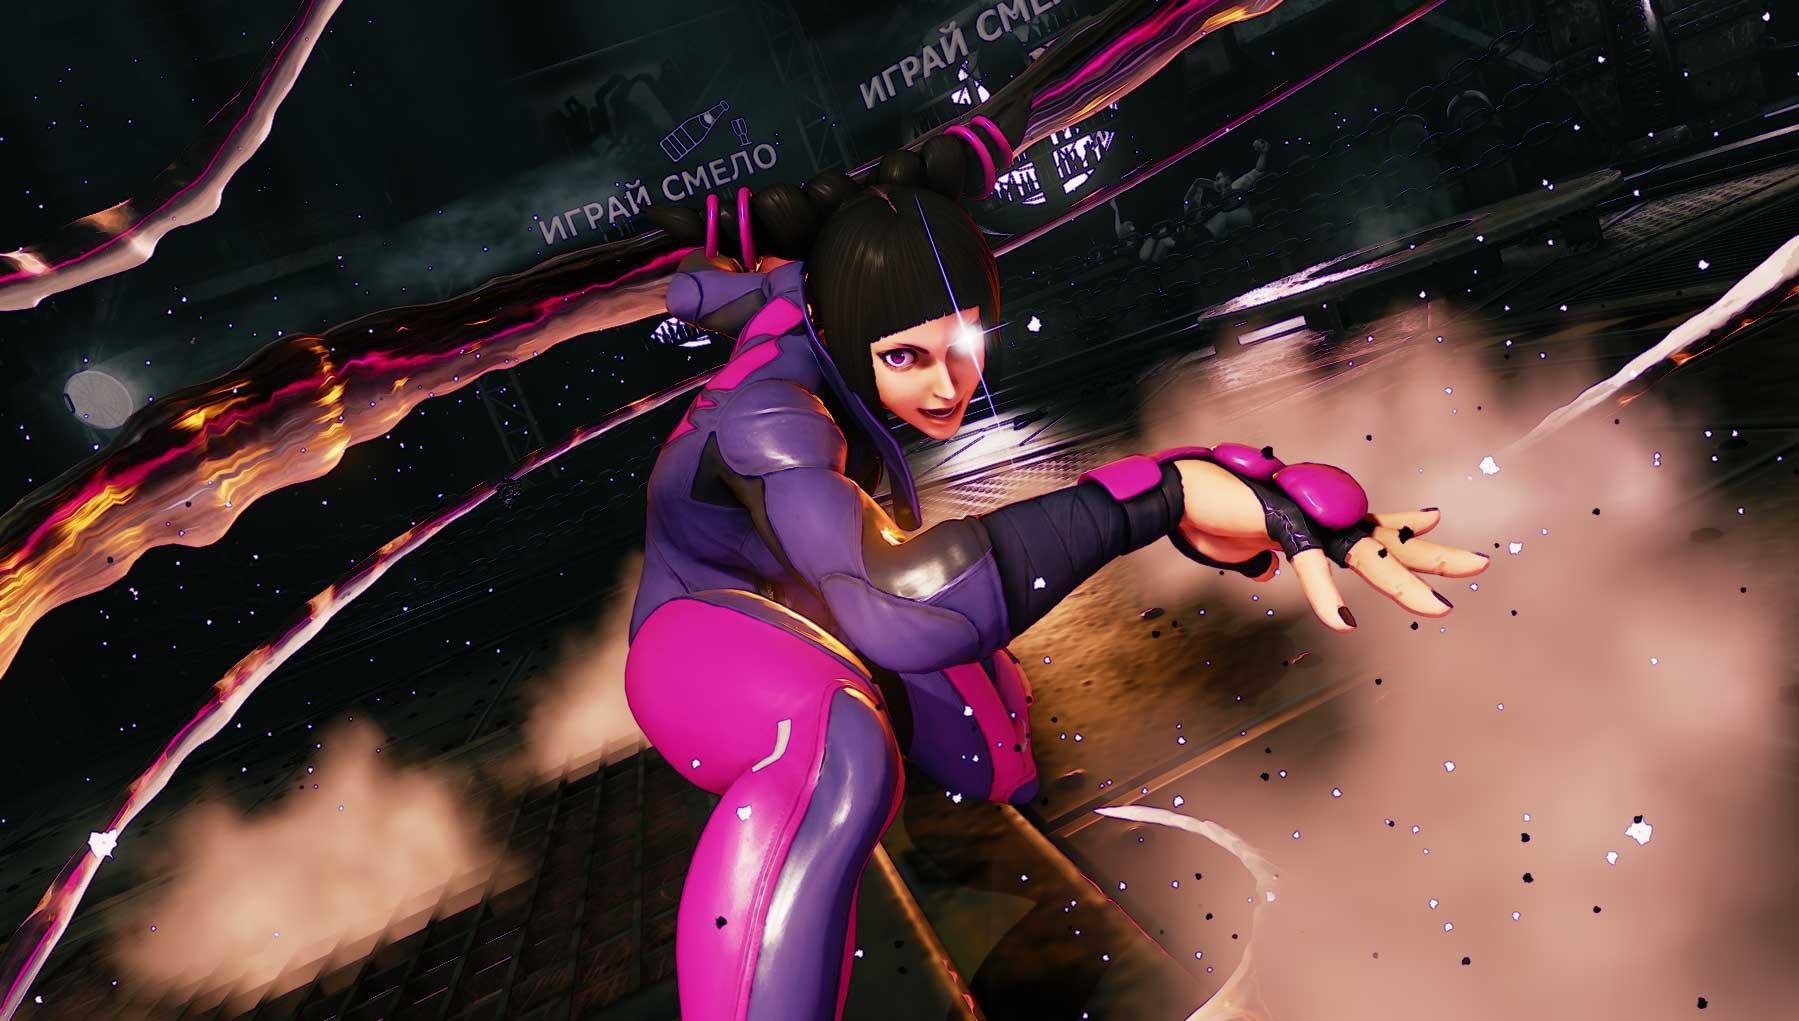 Street fighter 5 juri han